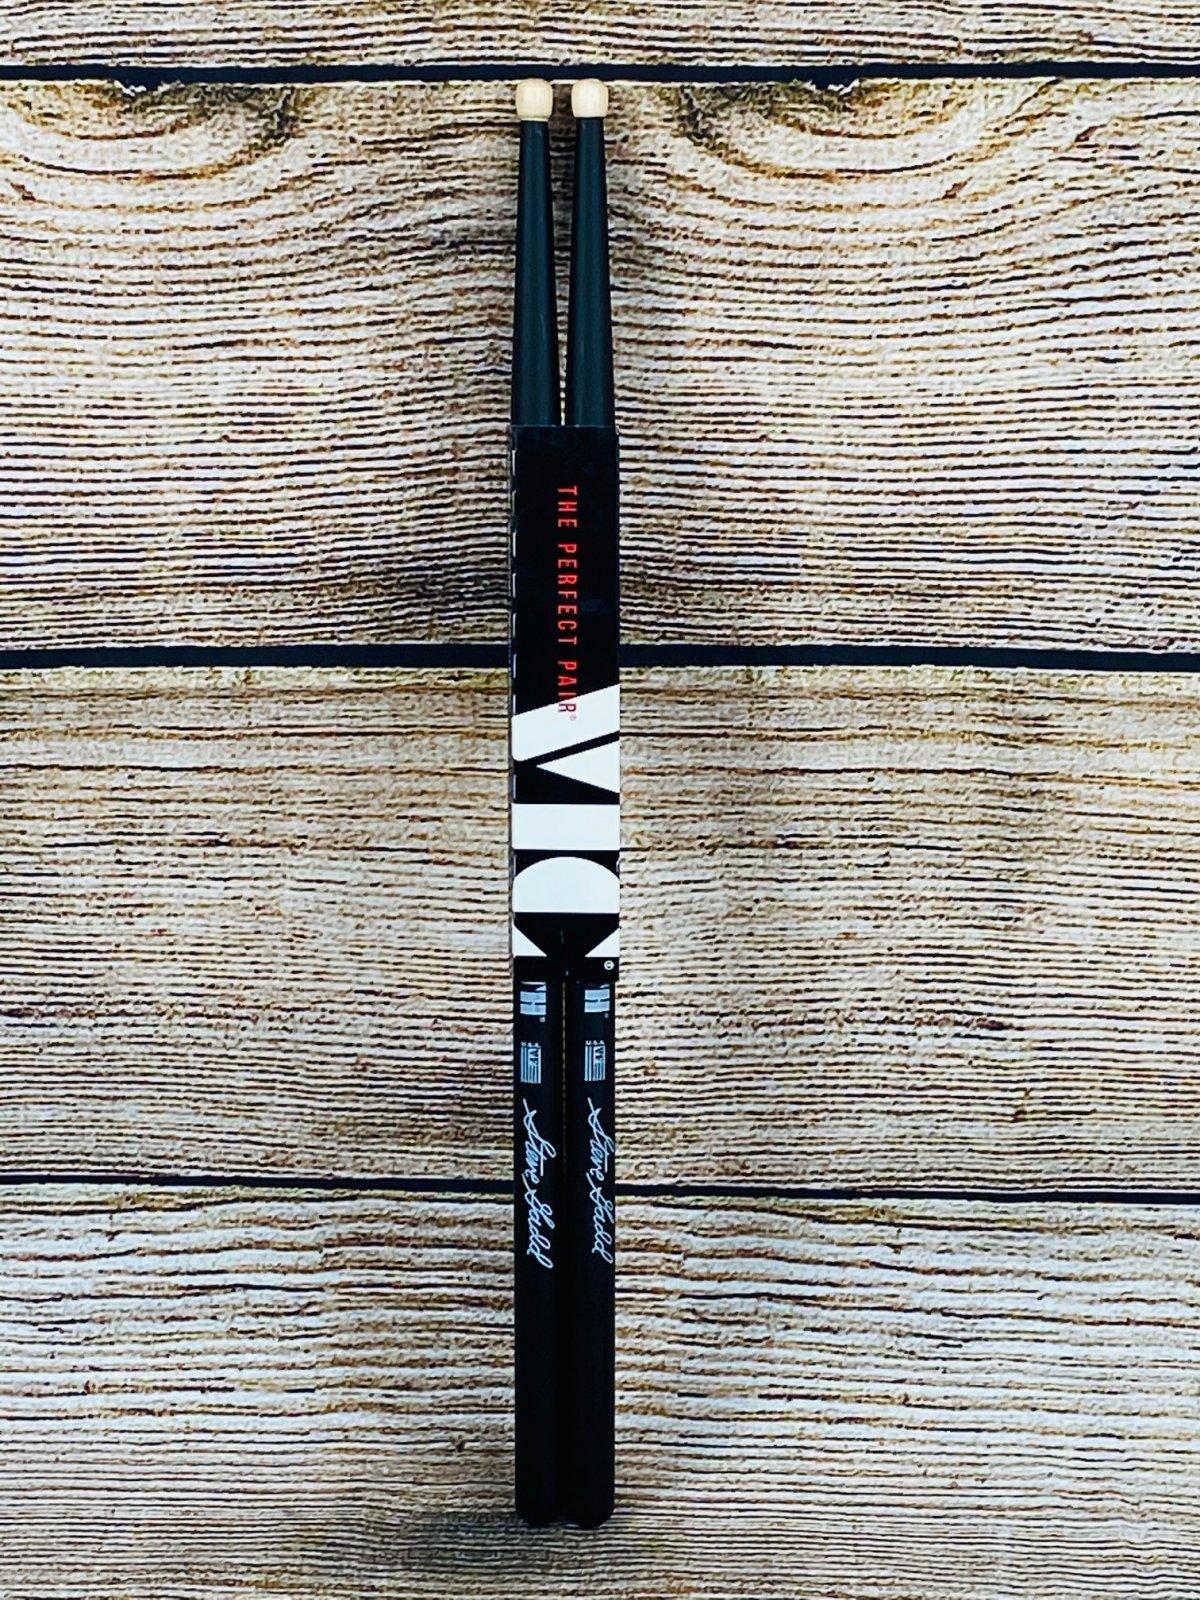 Vic Firth SSG Signature Series Drumsticks - Steve Gadd - Wood Tip